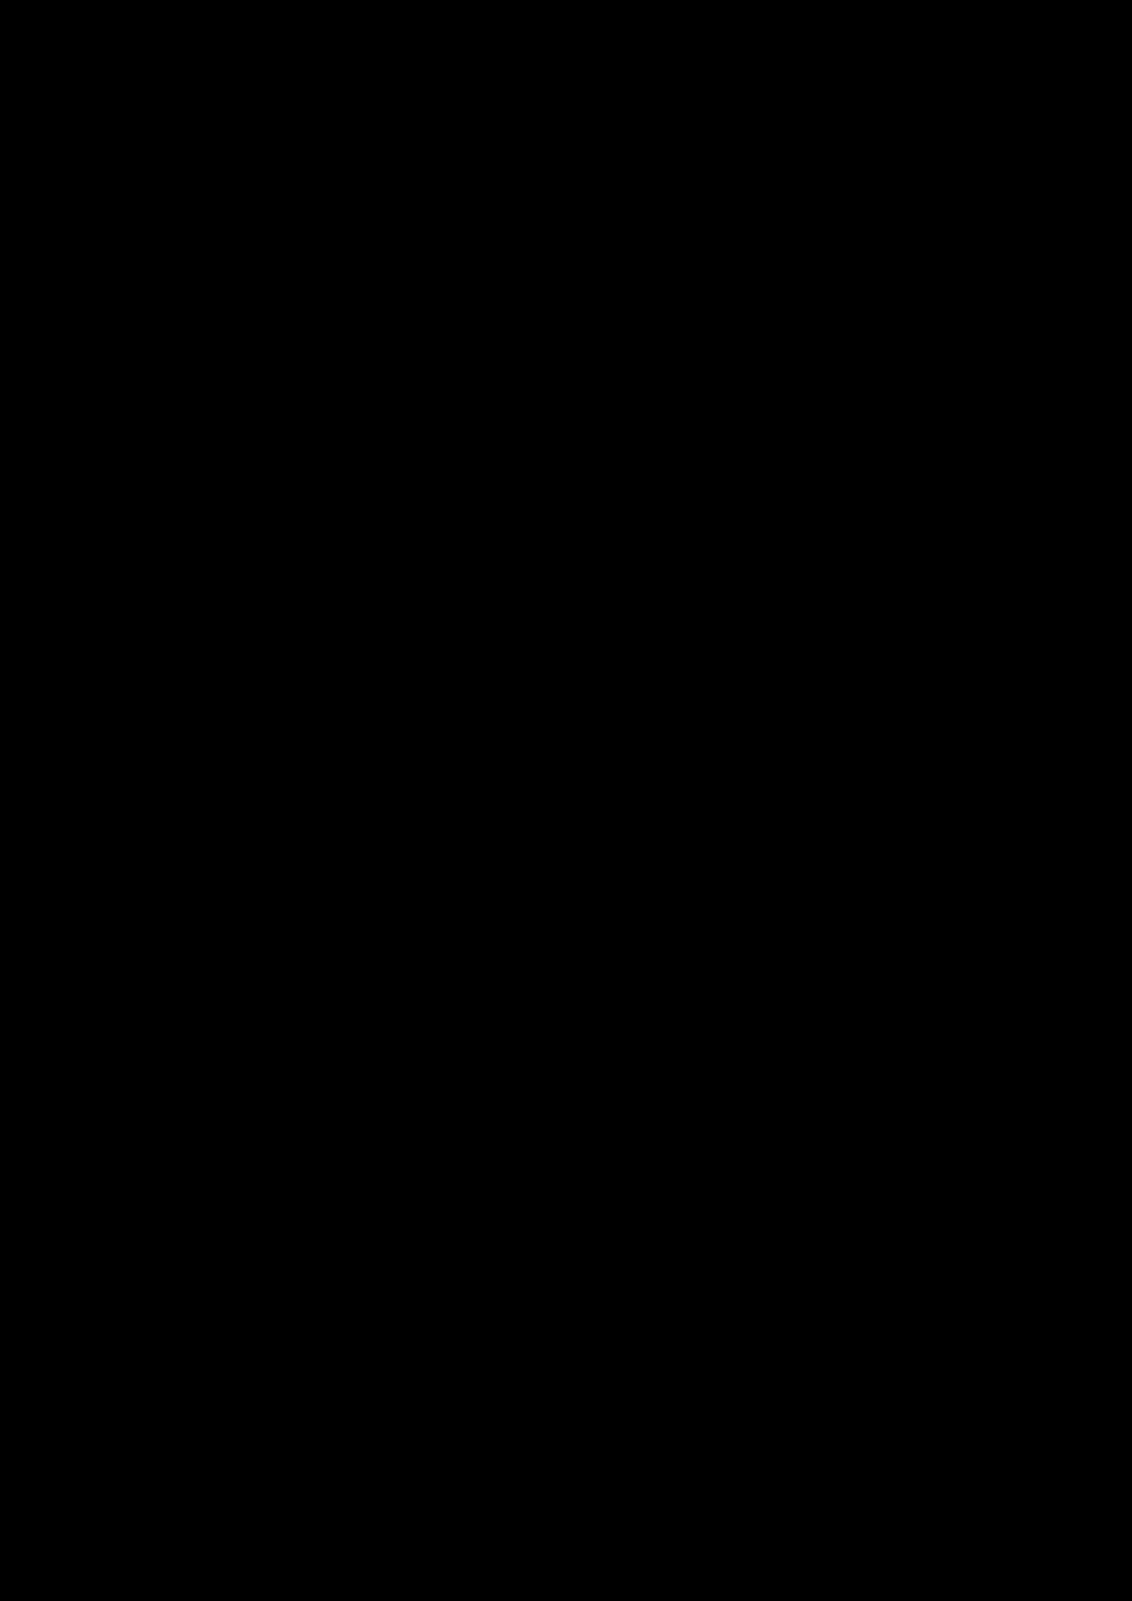 Vyibor Est slide, Image 51